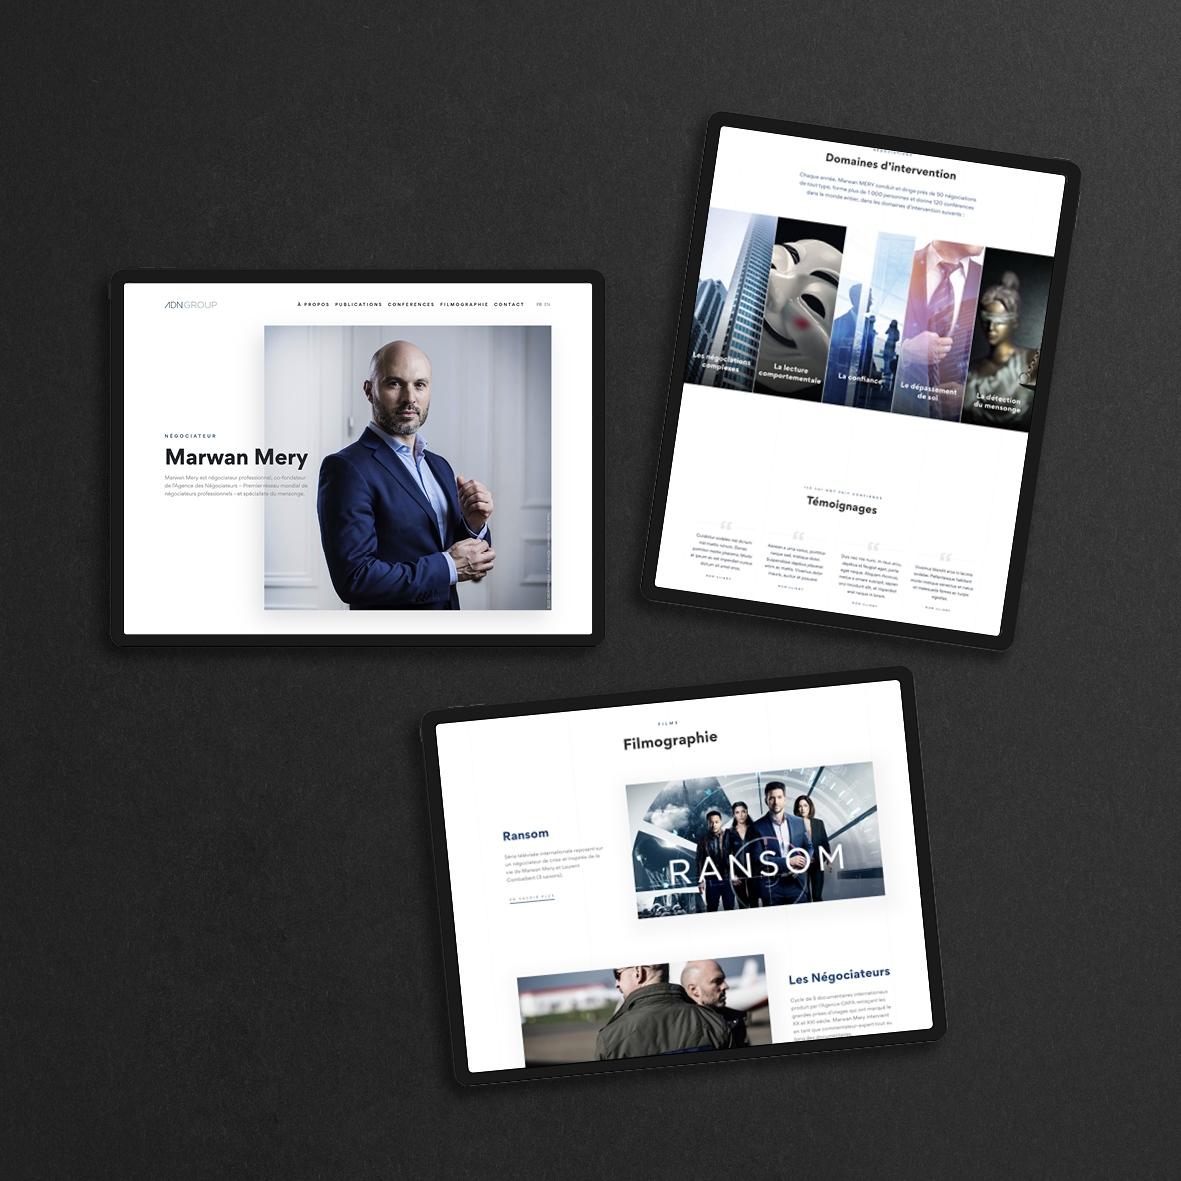 Design (UI et UX) du site de Marwan Mery, fondateur d'ADN Group et négociateur professionnel